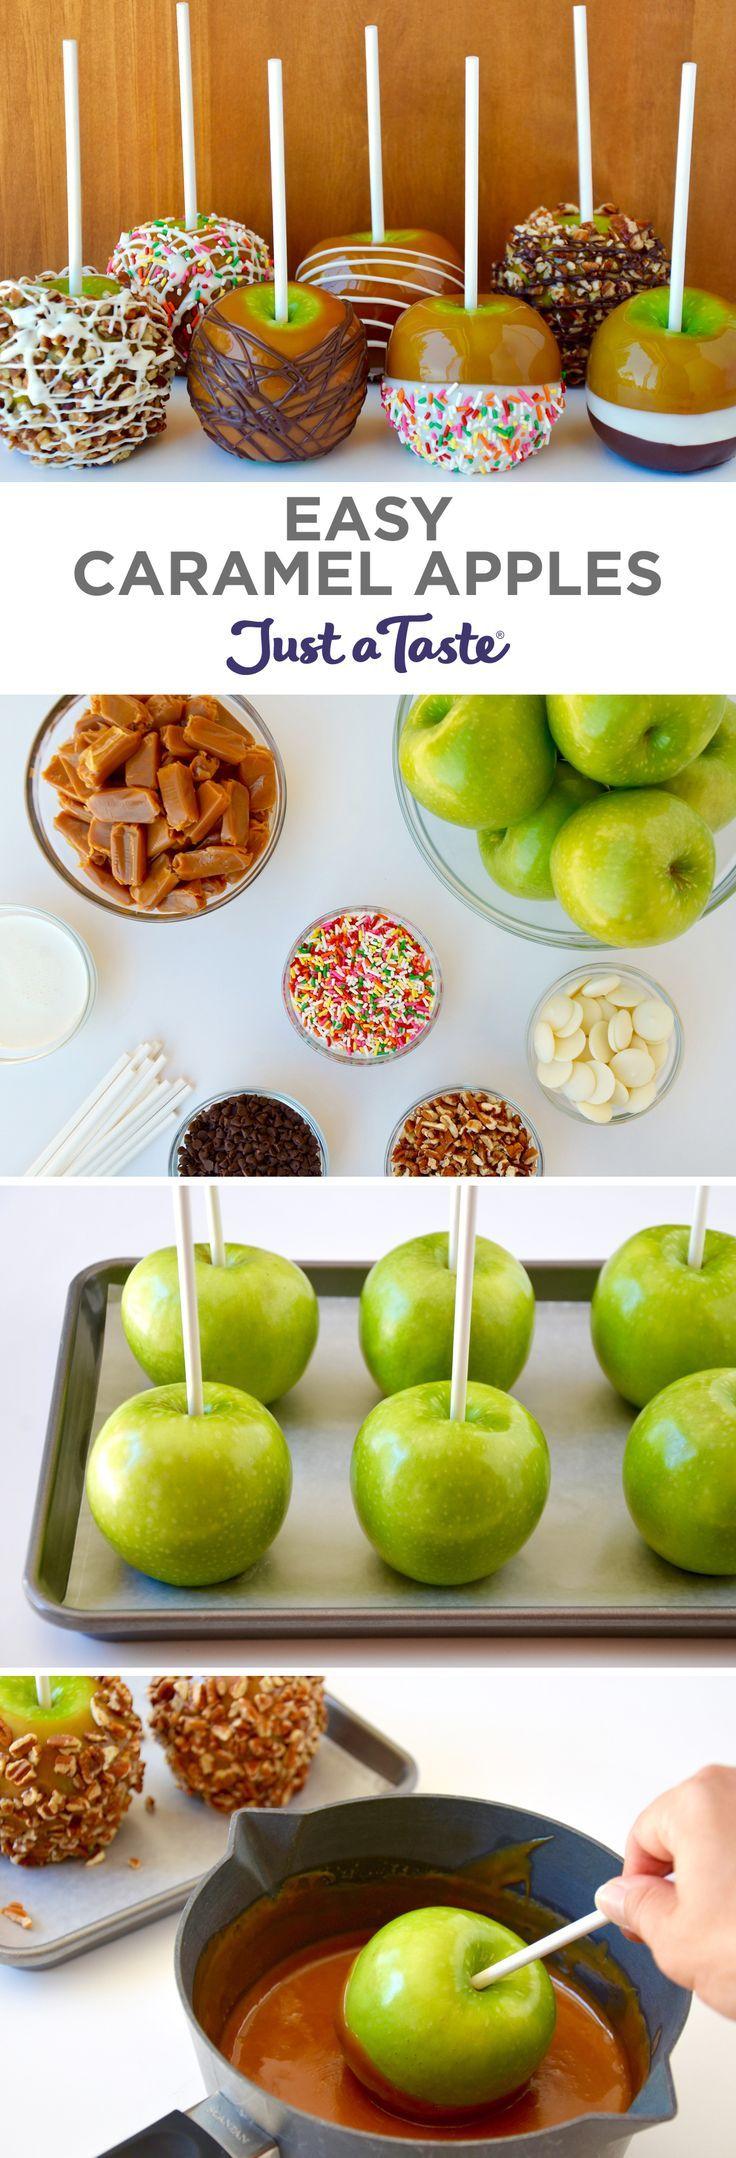 easy caramel apples easy caramel recipecaramel apple recipeshalloween - Caramel Apple Ideas Halloween